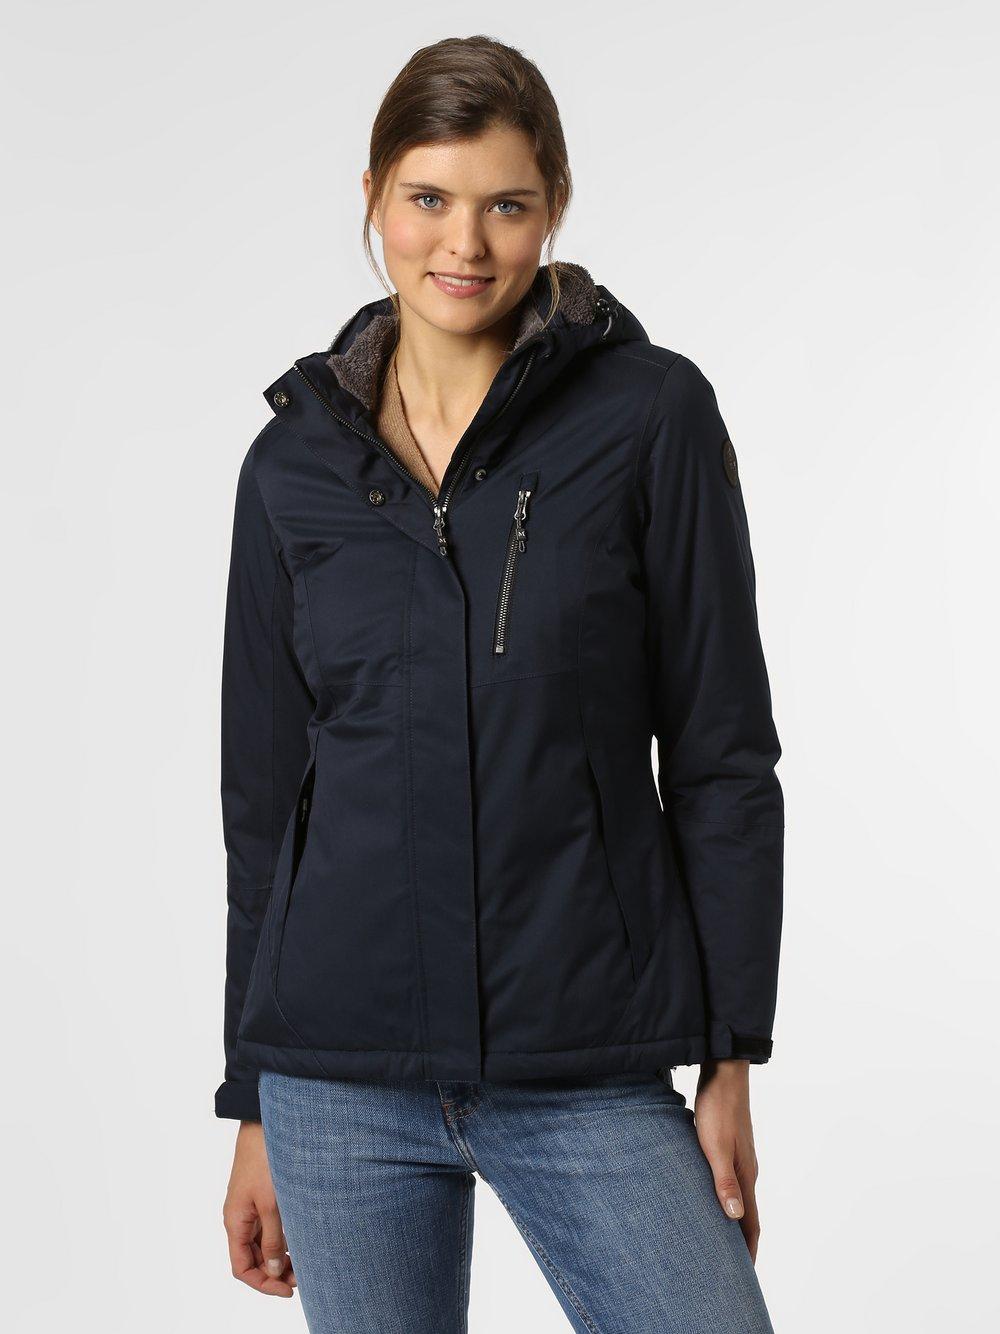 Marie Lund - Damska kurtka funkcyjna, niebieski